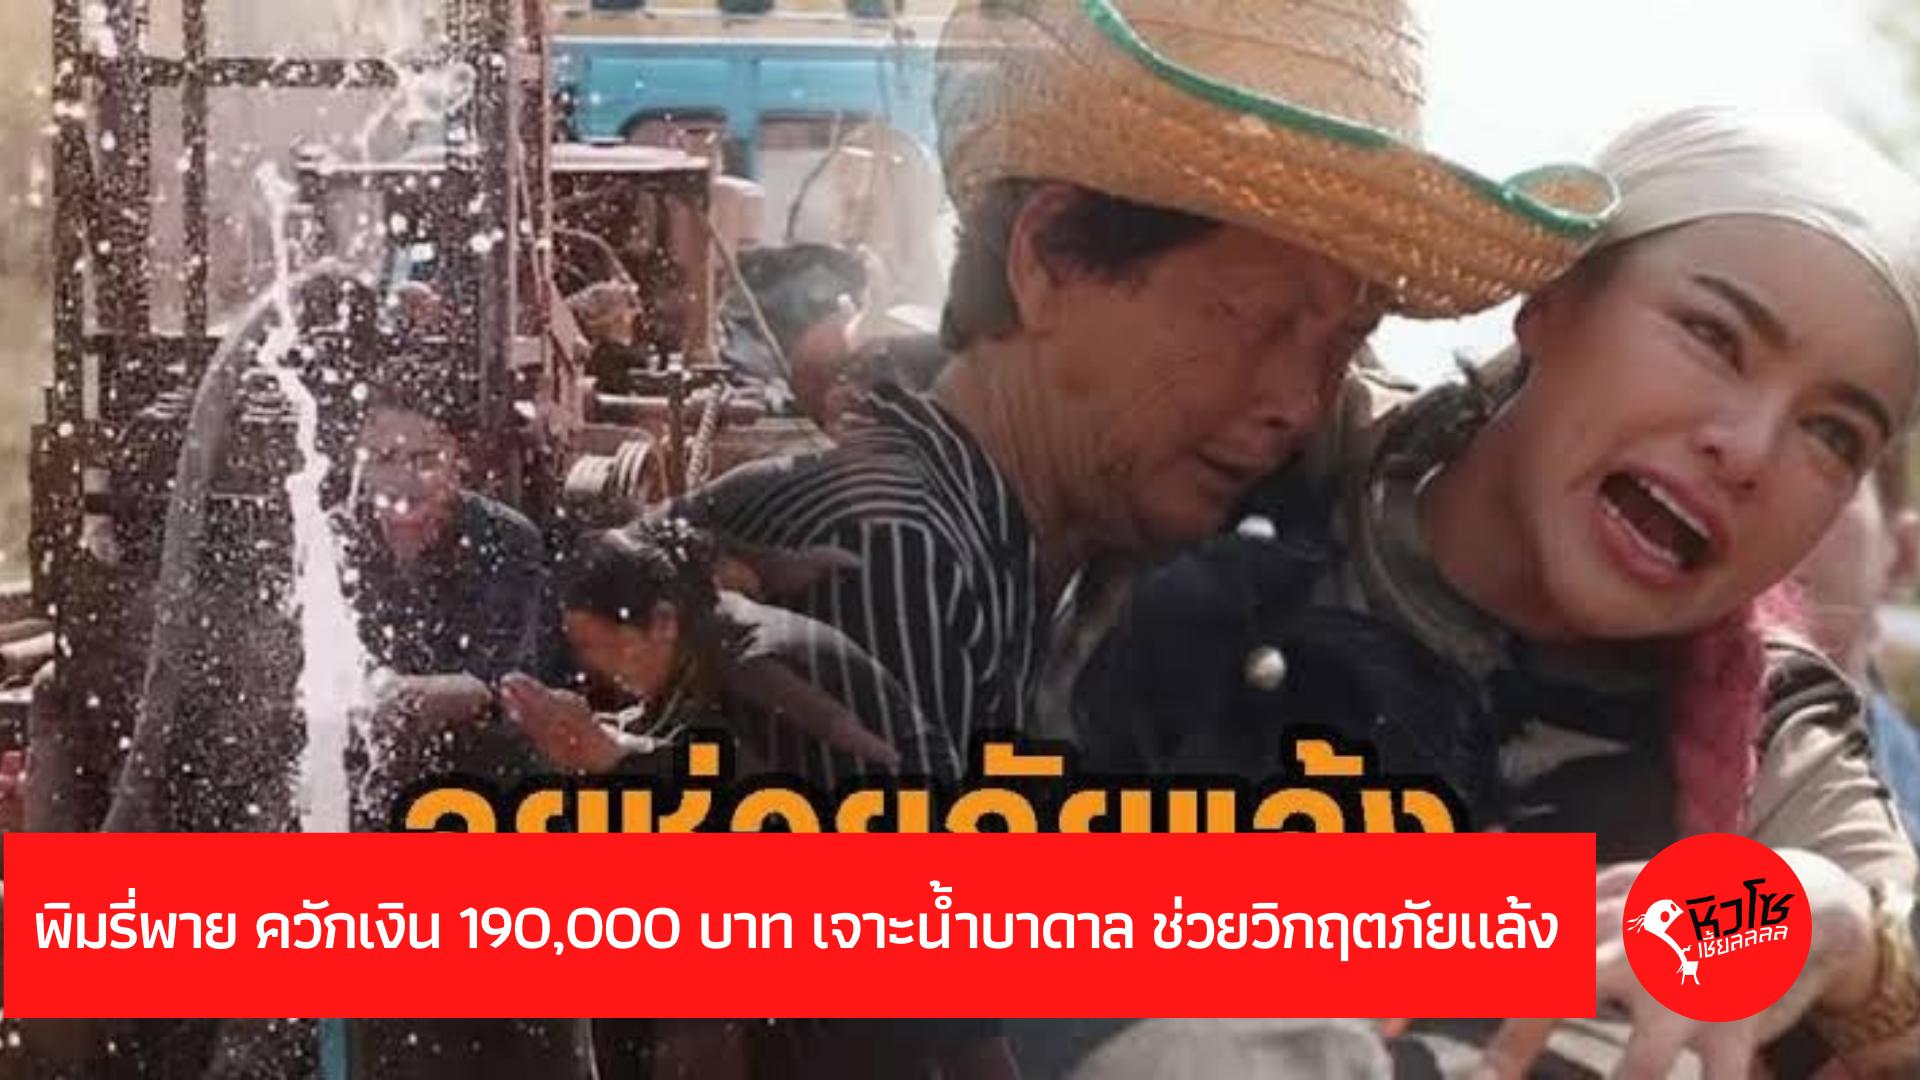 พิมรี่พาย ควักเงิน 190,000 บาท เจาะน้ำบาดาล ช่วยวิกฤตภัยแล้ง